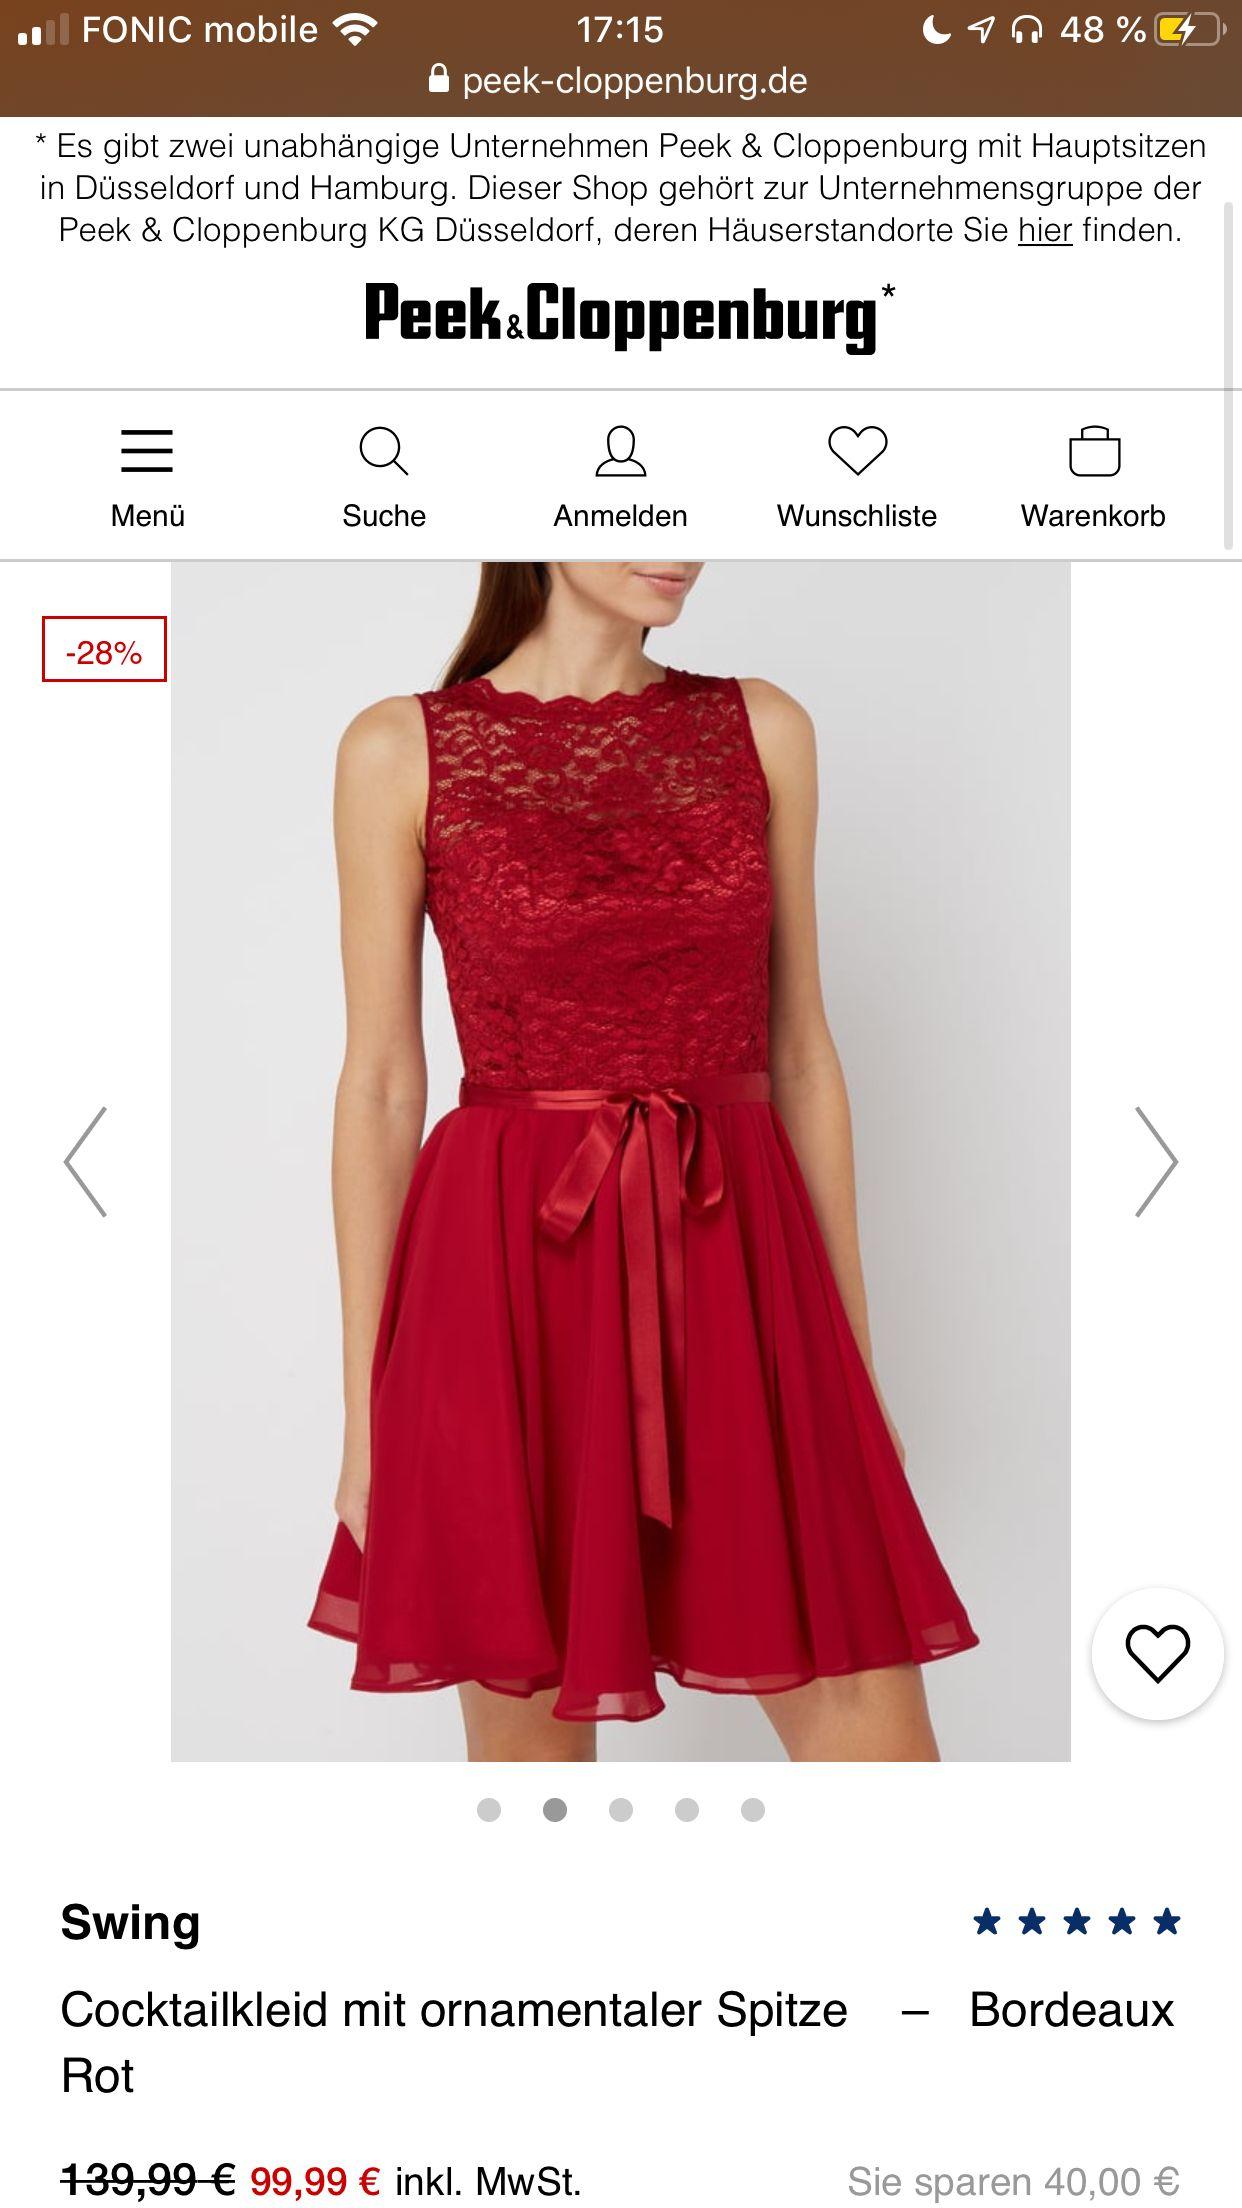 pinlea on kleider | formal dresses, red formal dress